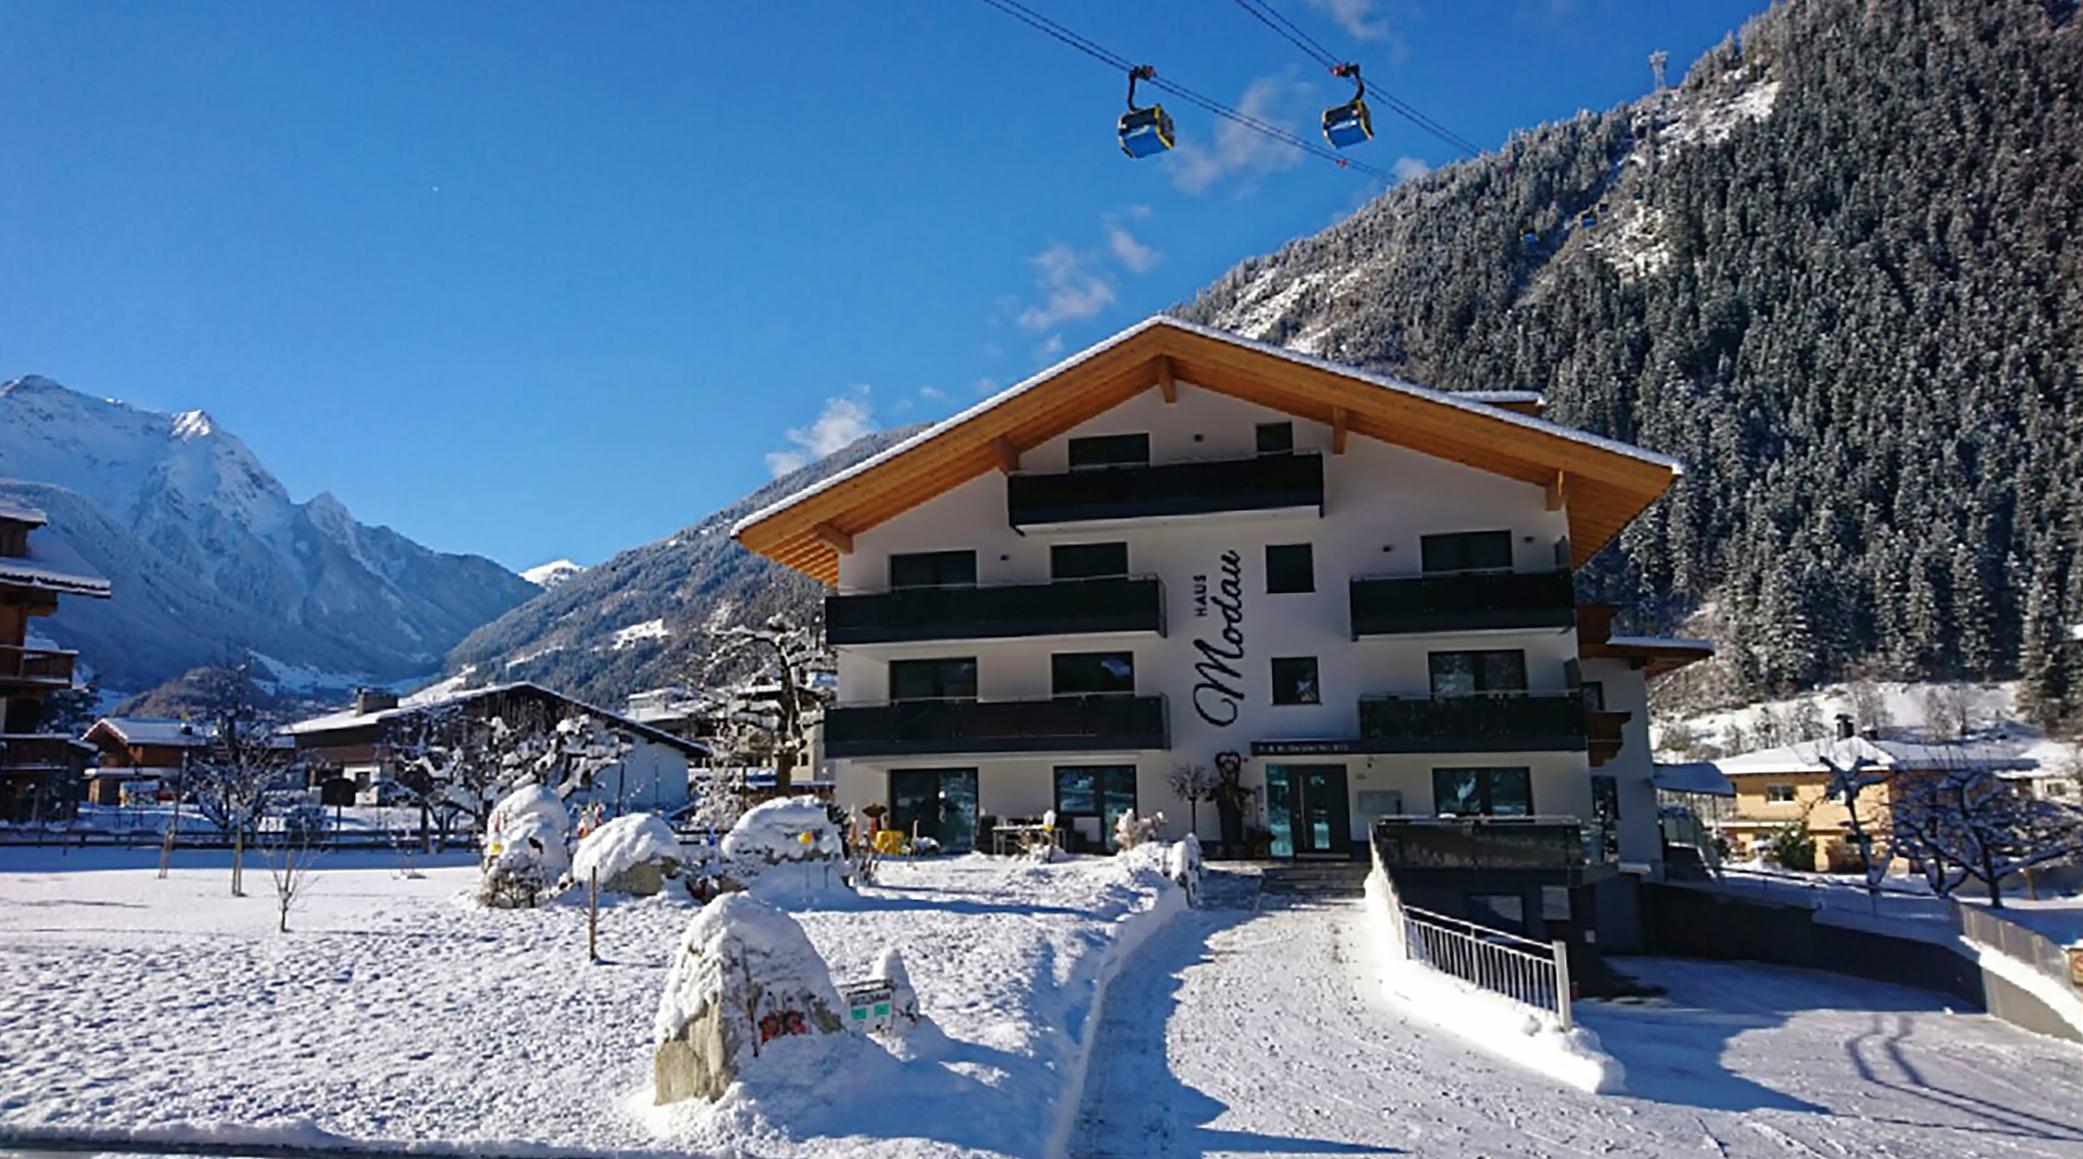 Haus Modau Winter Eingang